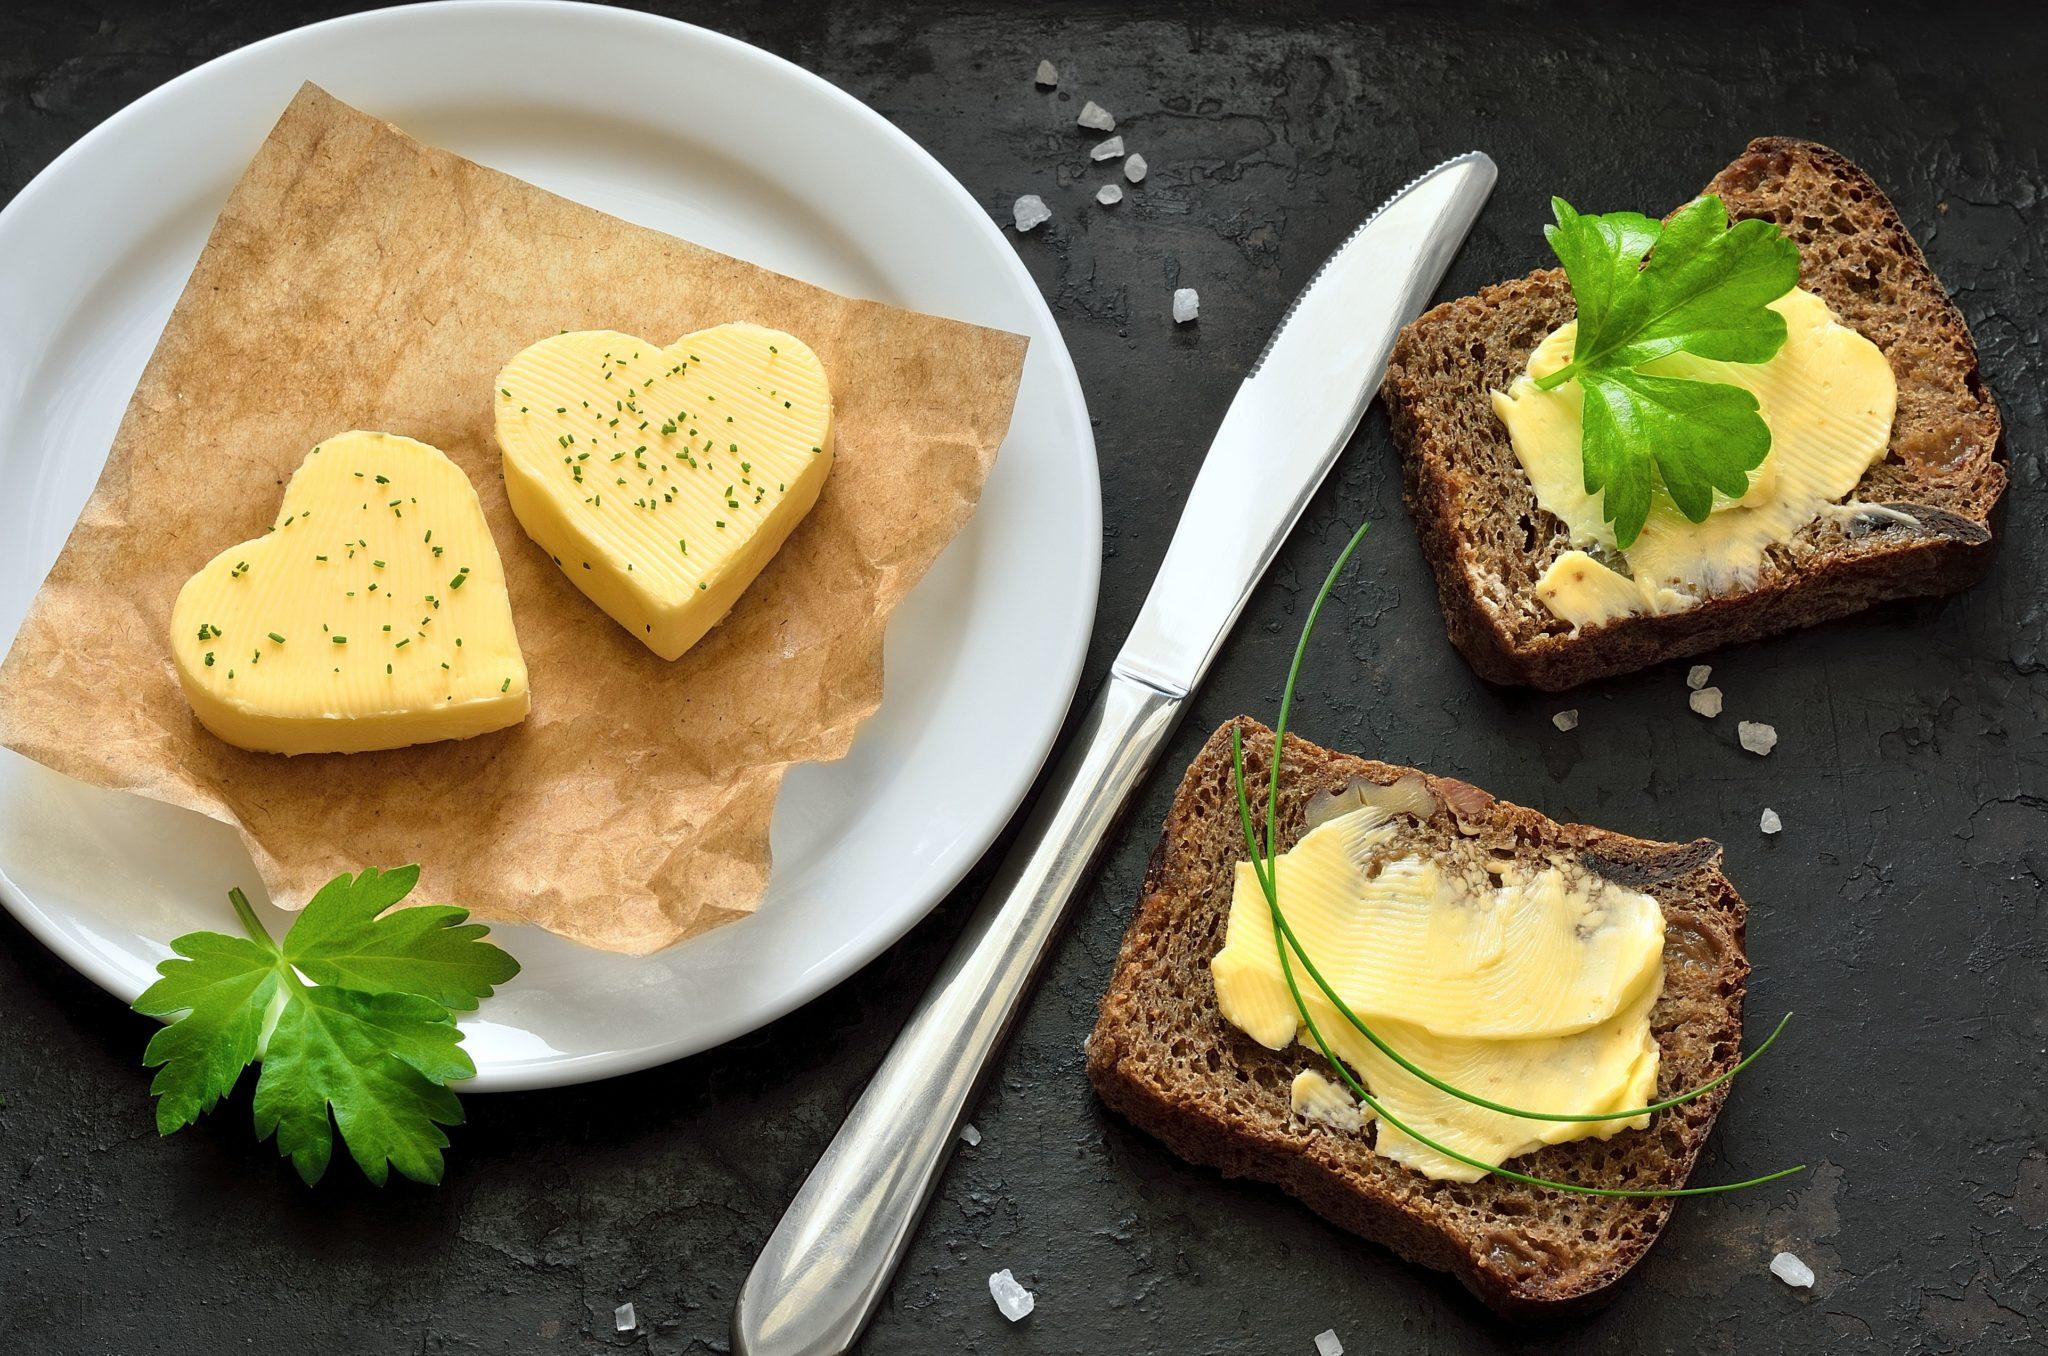 Masło maślane – jakie powinno być prawdziwe masło?